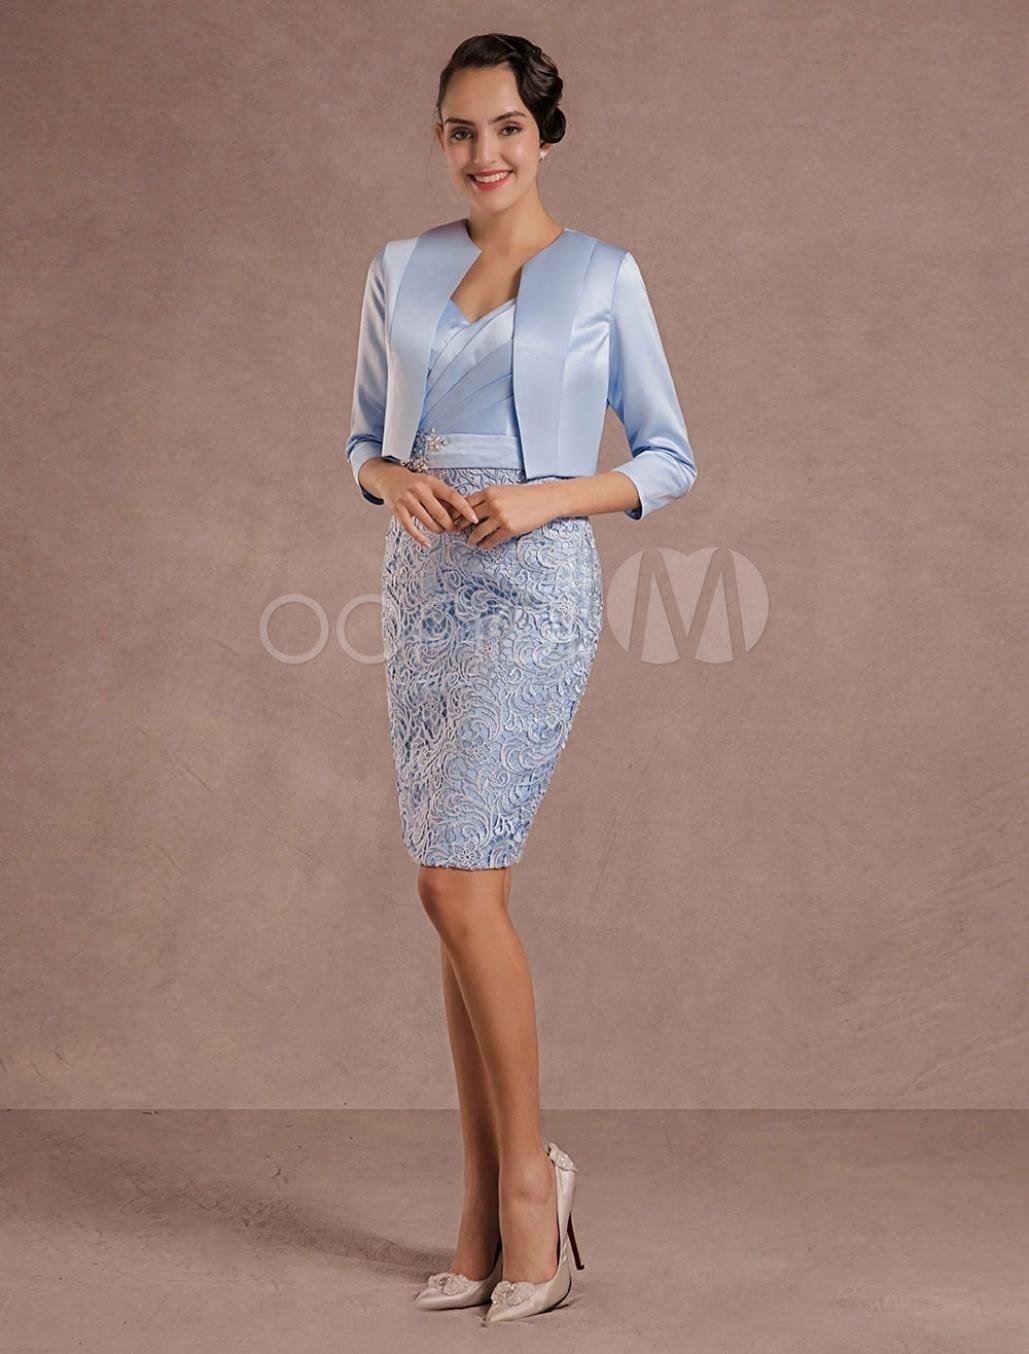 Designer Luxus Kleid Brautmutter Hochzeit BoutiqueAbend Ausgezeichnet Kleid Brautmutter Hochzeit Design